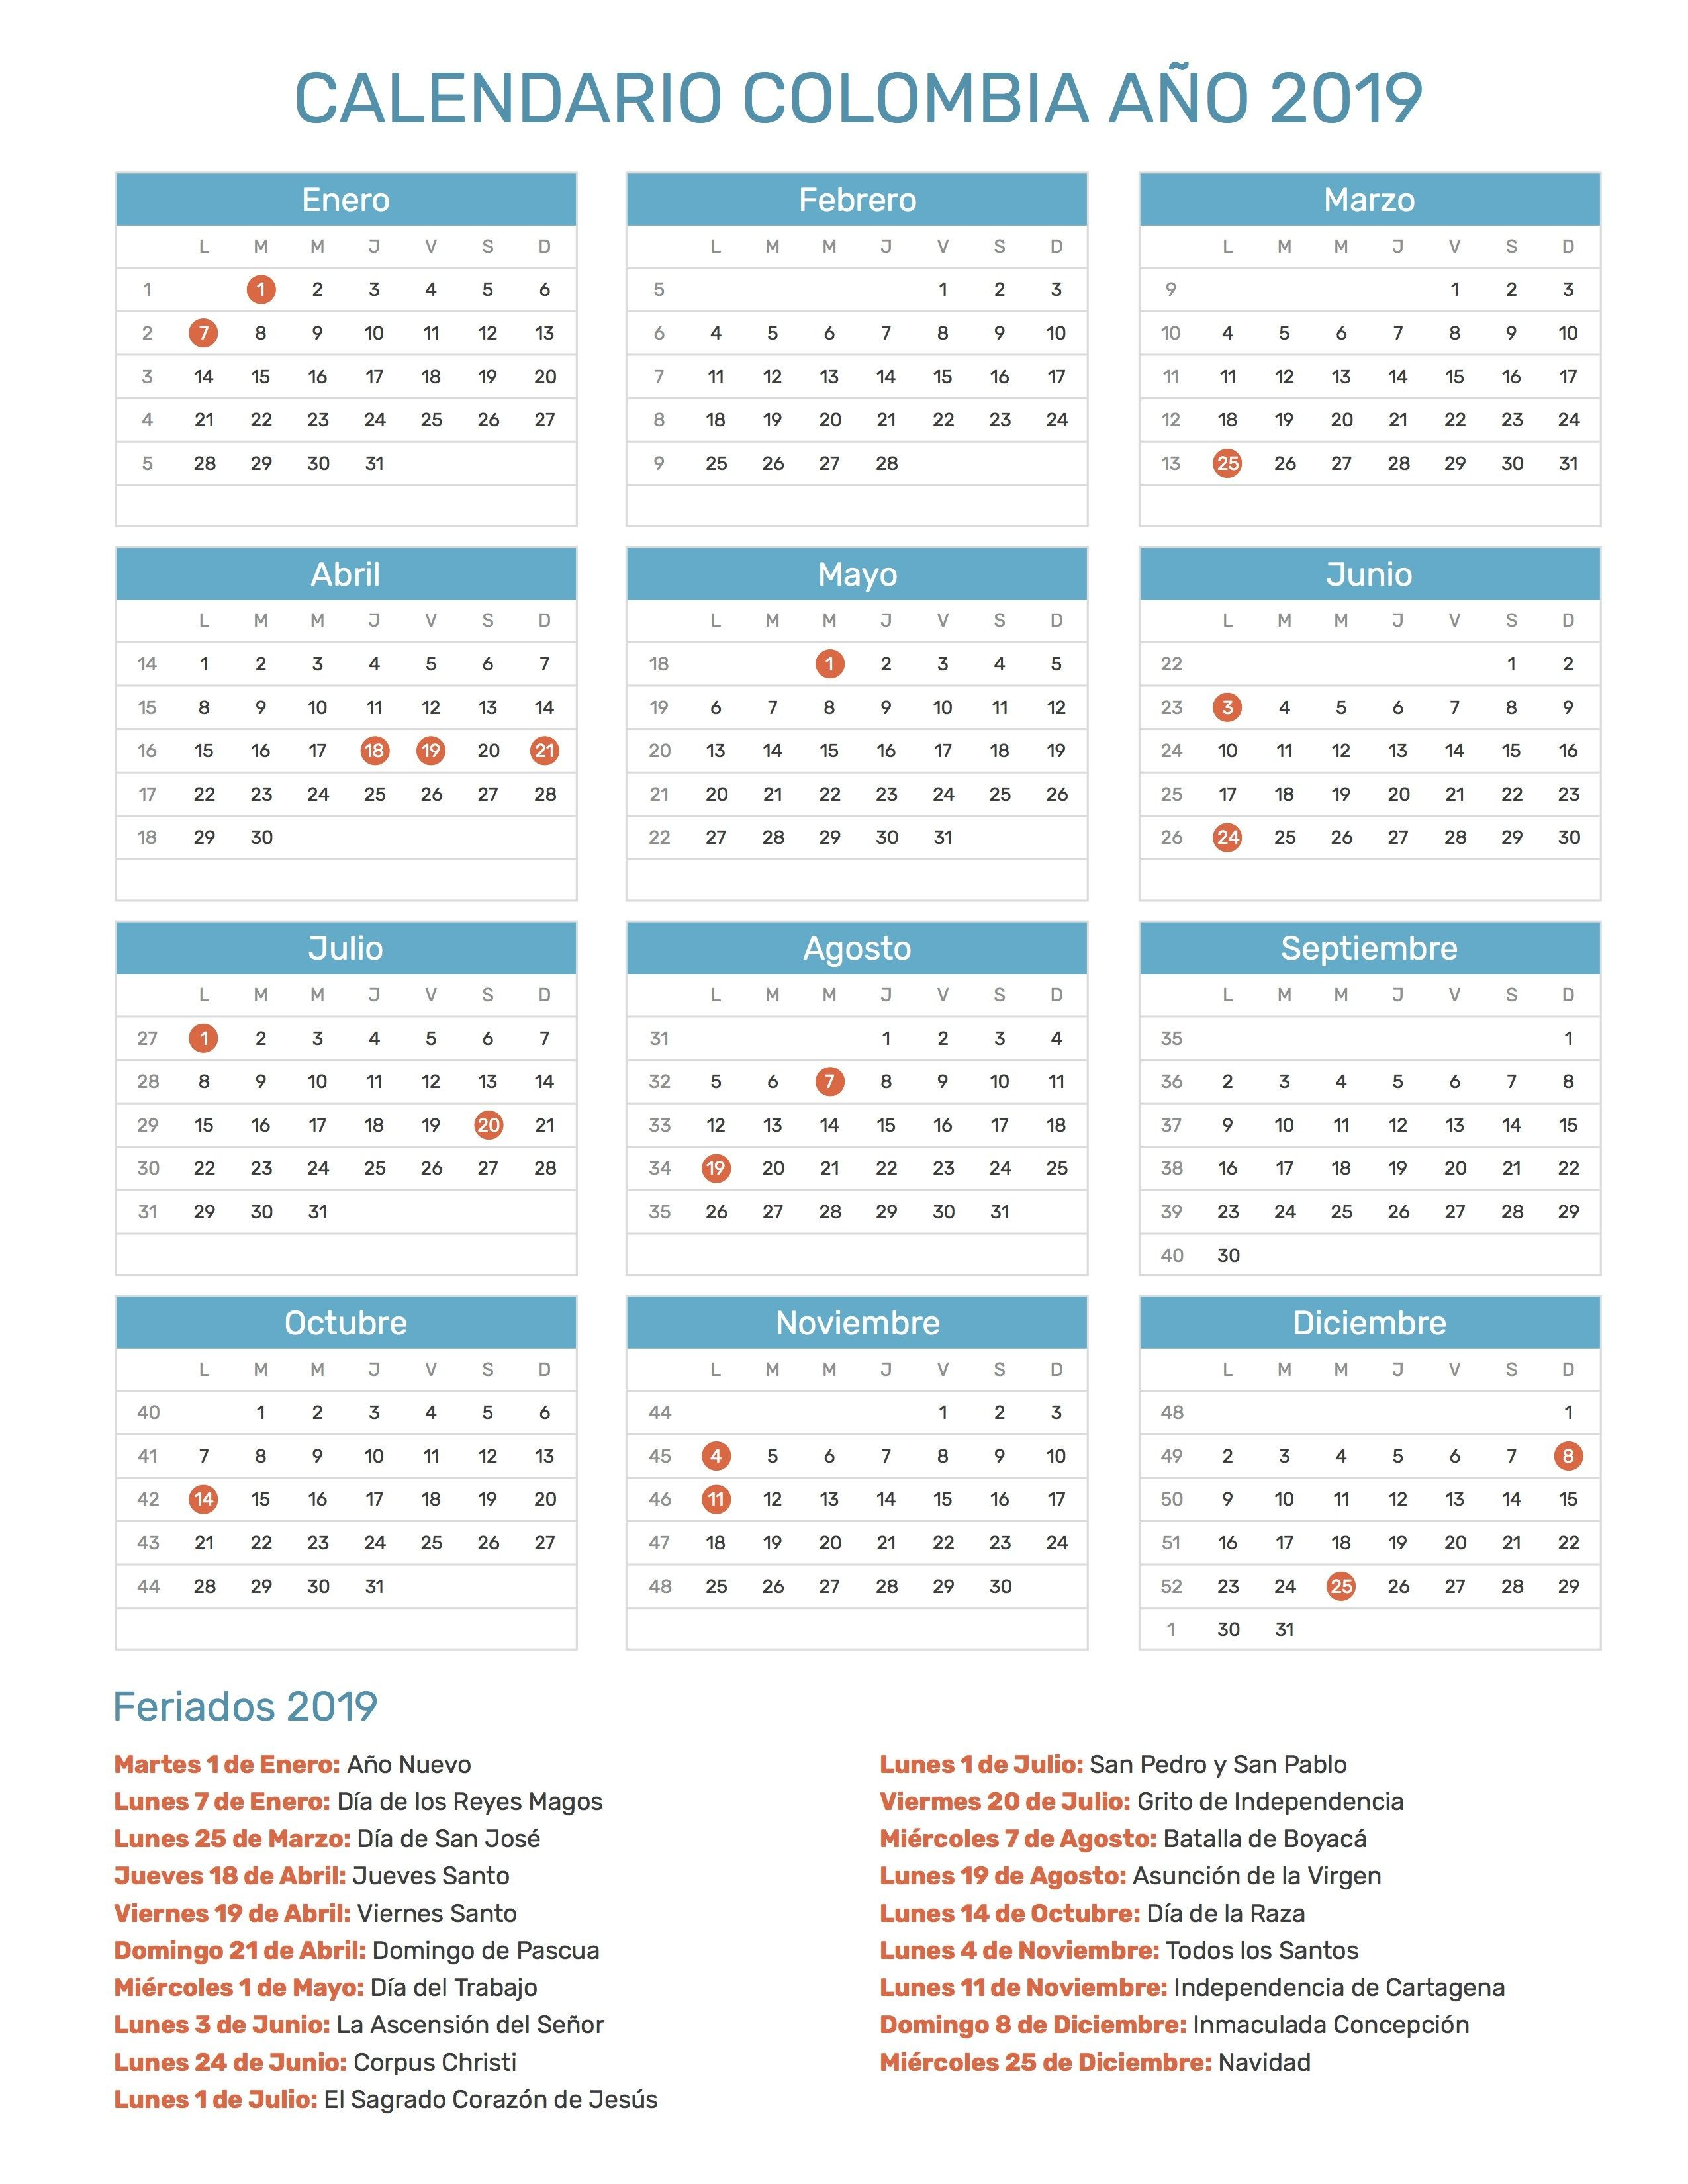 Calendario Anual 2019 Pdf Más Arriba-a-fecha Pin De Calendario Hispano En Calendario Con Feriados A±o 2019 Of Calendario Anual 2019 Pdf Más Caliente Boe Documento Boe A 2018 9268